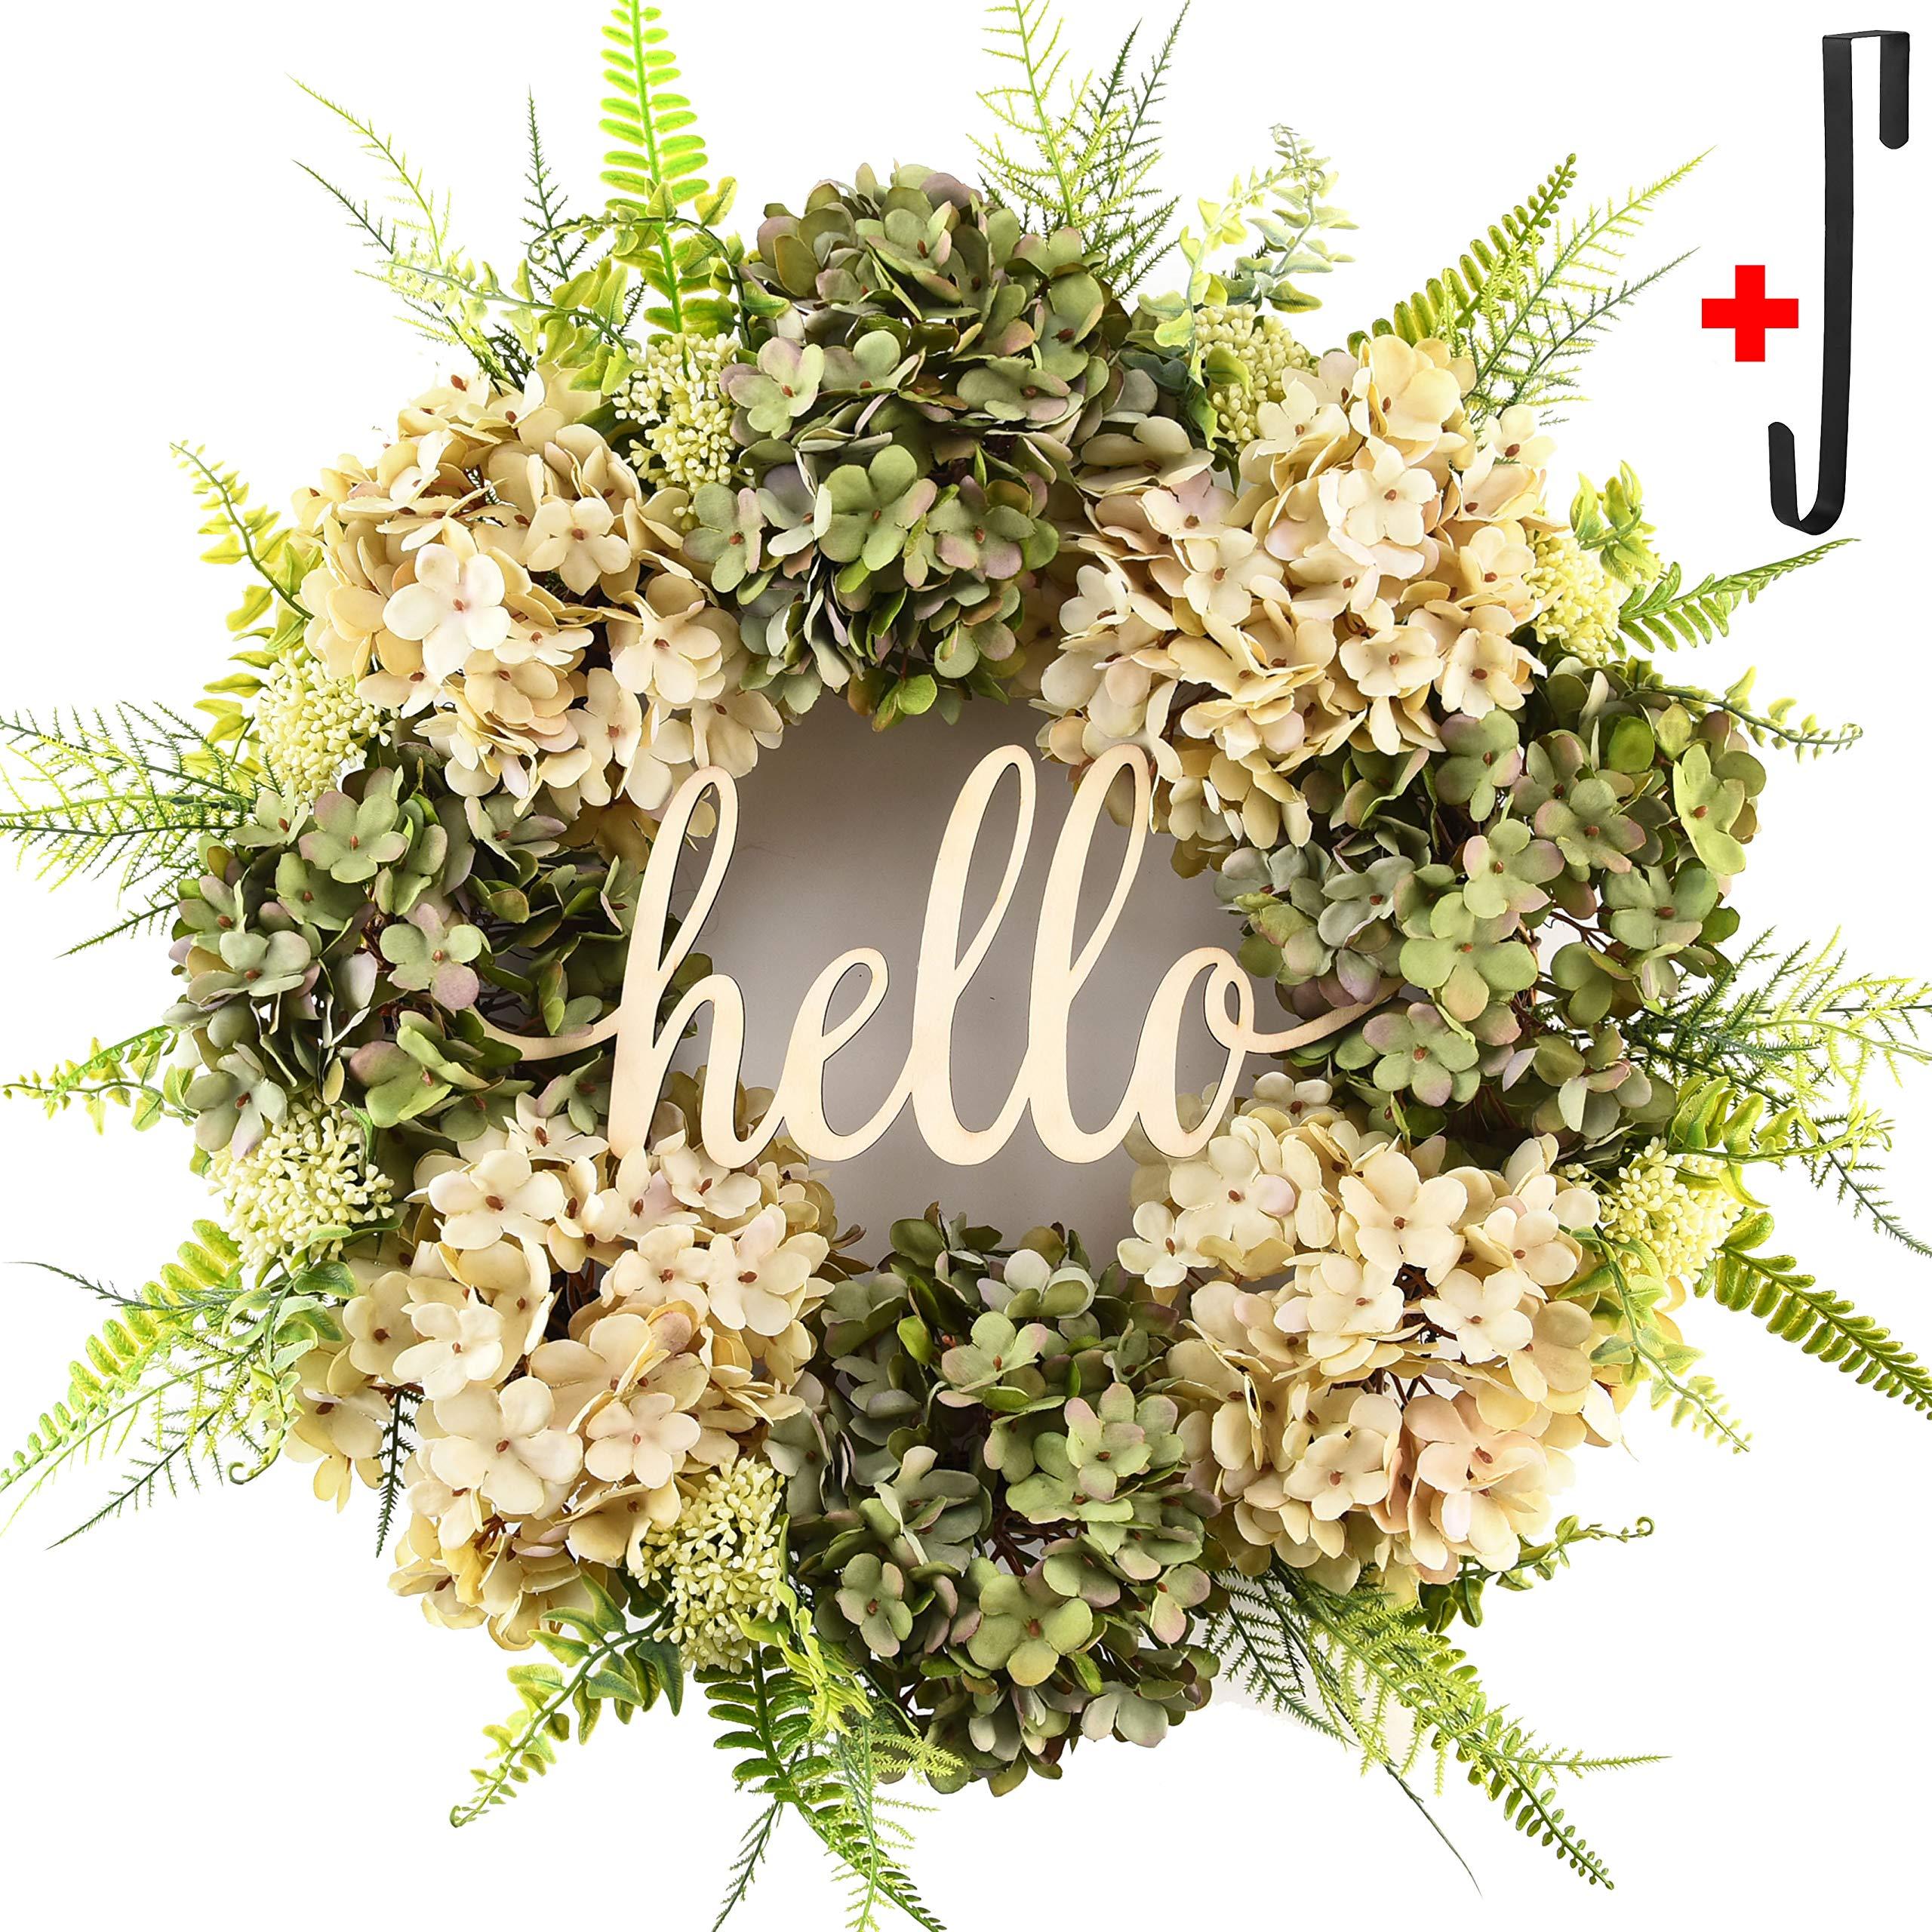 Summer wreath for front door Handmade Wreath ,welcome hello hydrangea wreaths for front door,outdoor fall spring wreaths for front door,winter letter wreaths for front door, grapevine farmhouse wreath